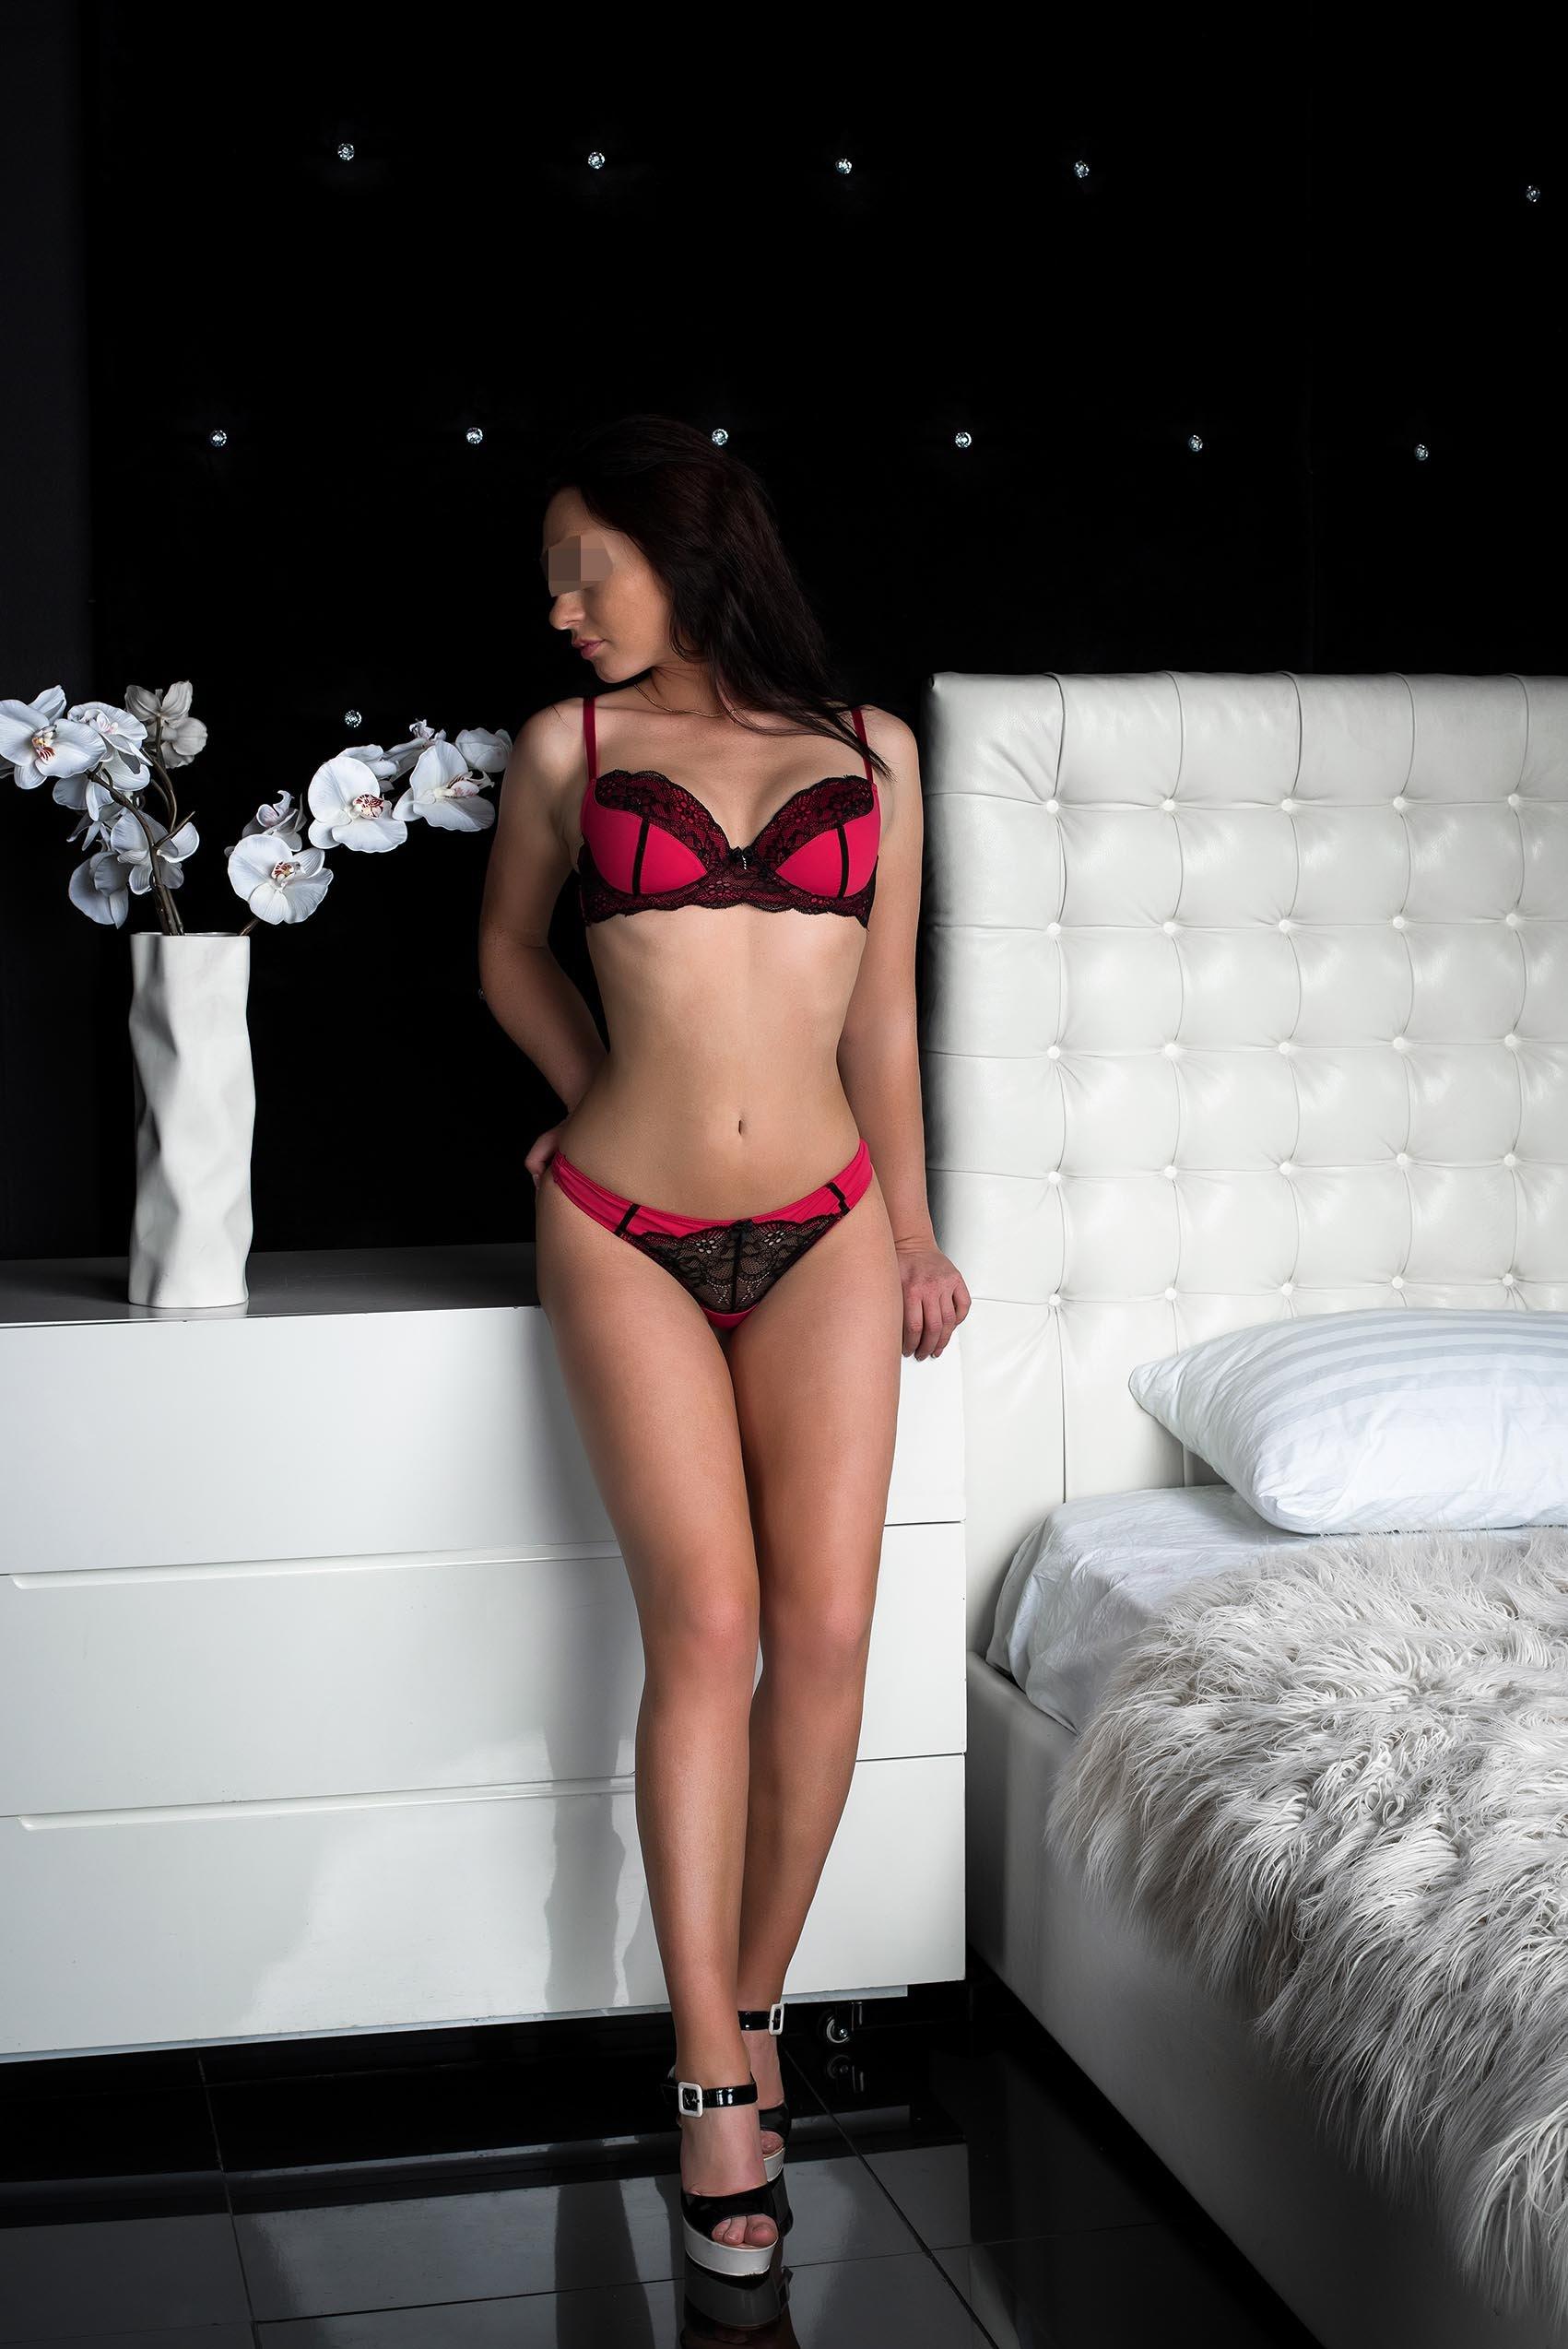 Индивидуалки китай город проститутка торрент скачать